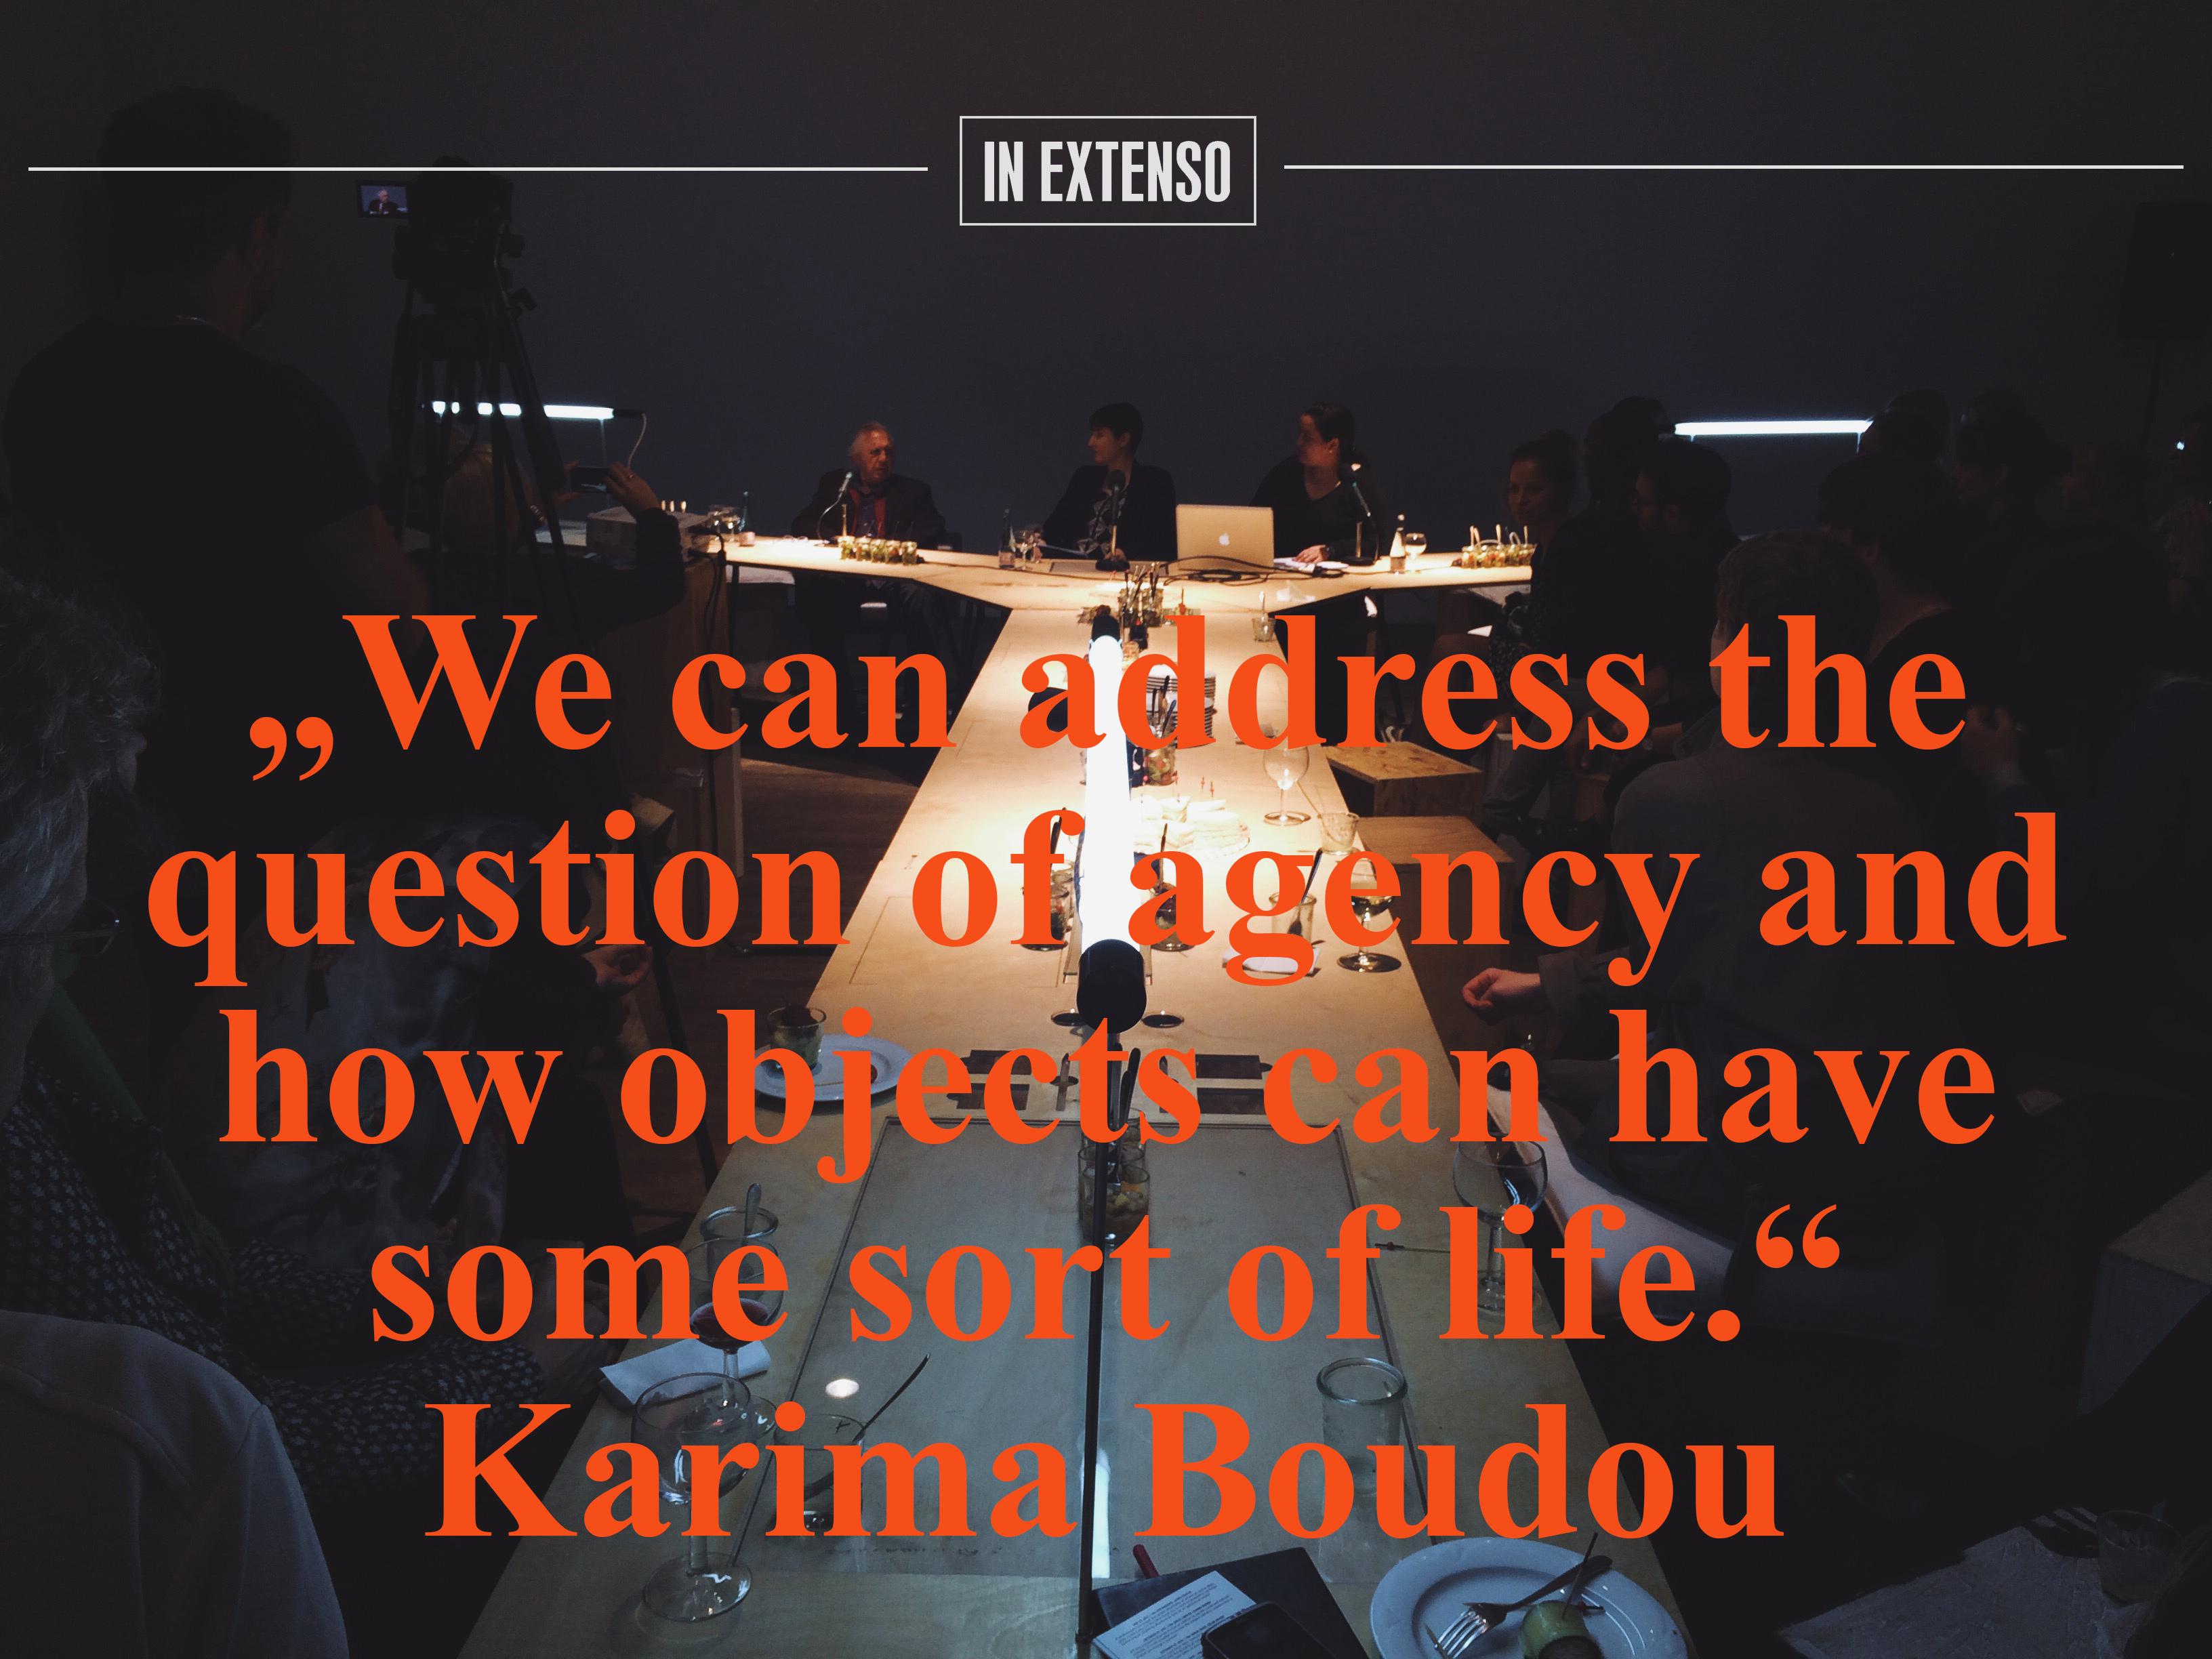 KarimaBoudou_Statement